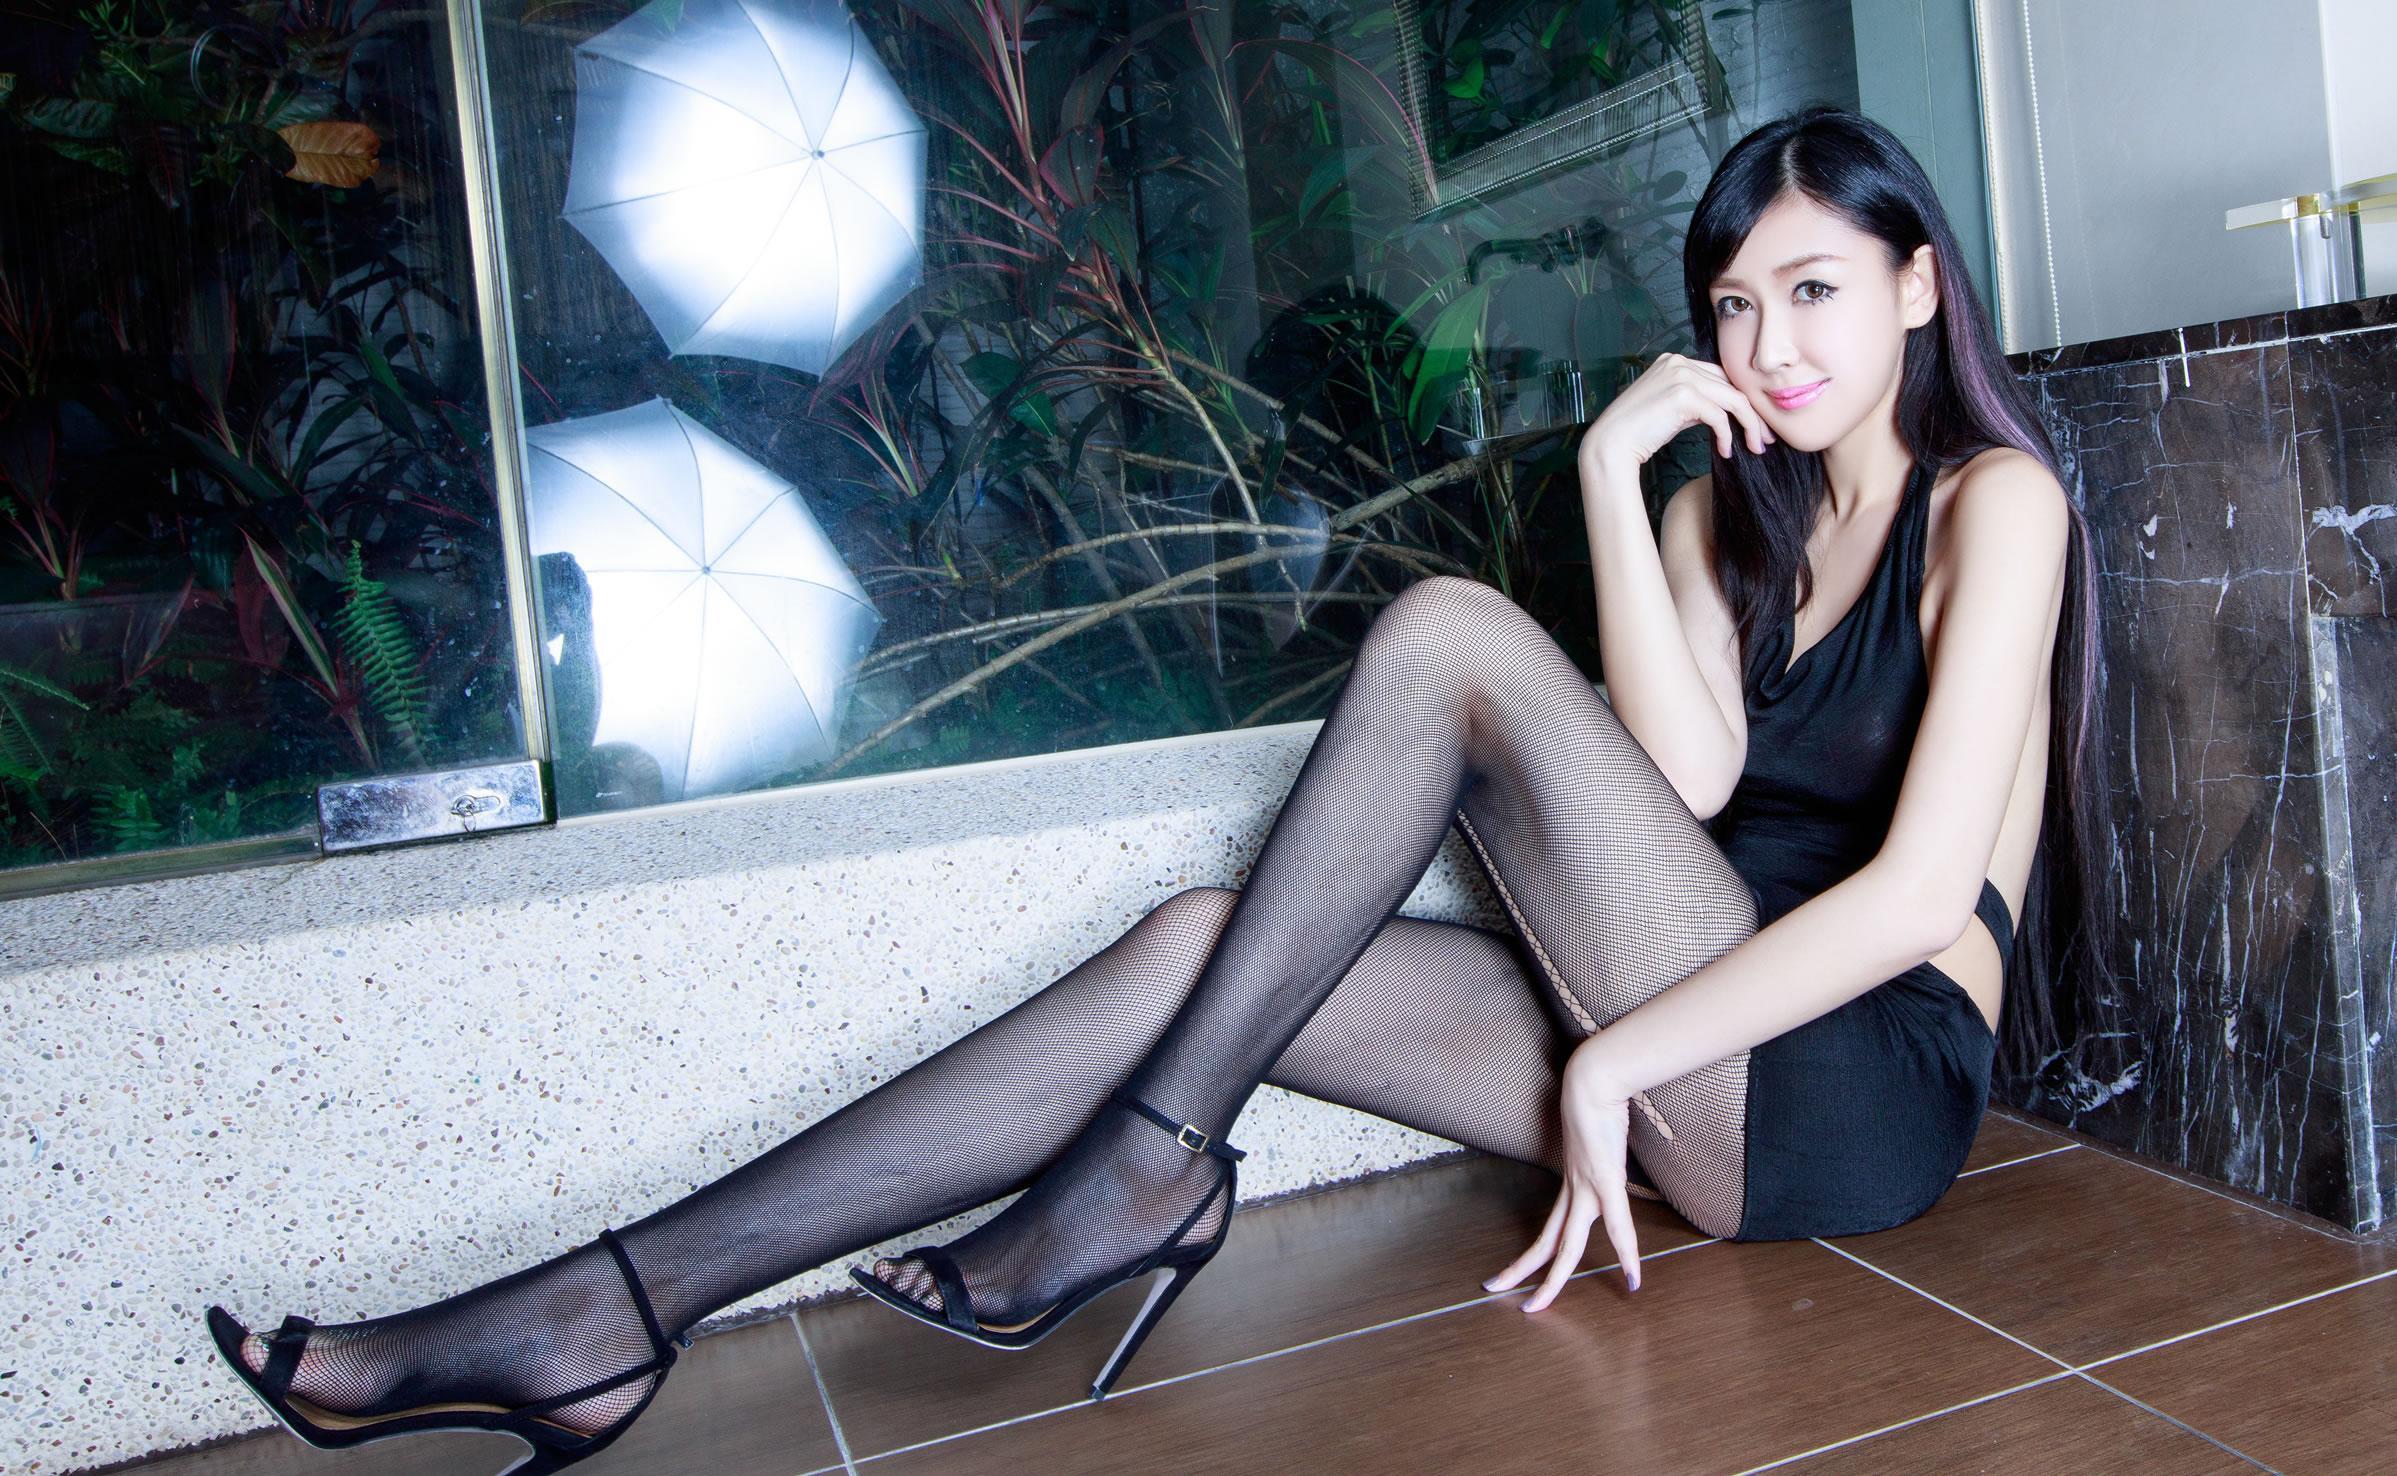 丽柜美模美腿秀5 - 花開有聲 - 花開有聲